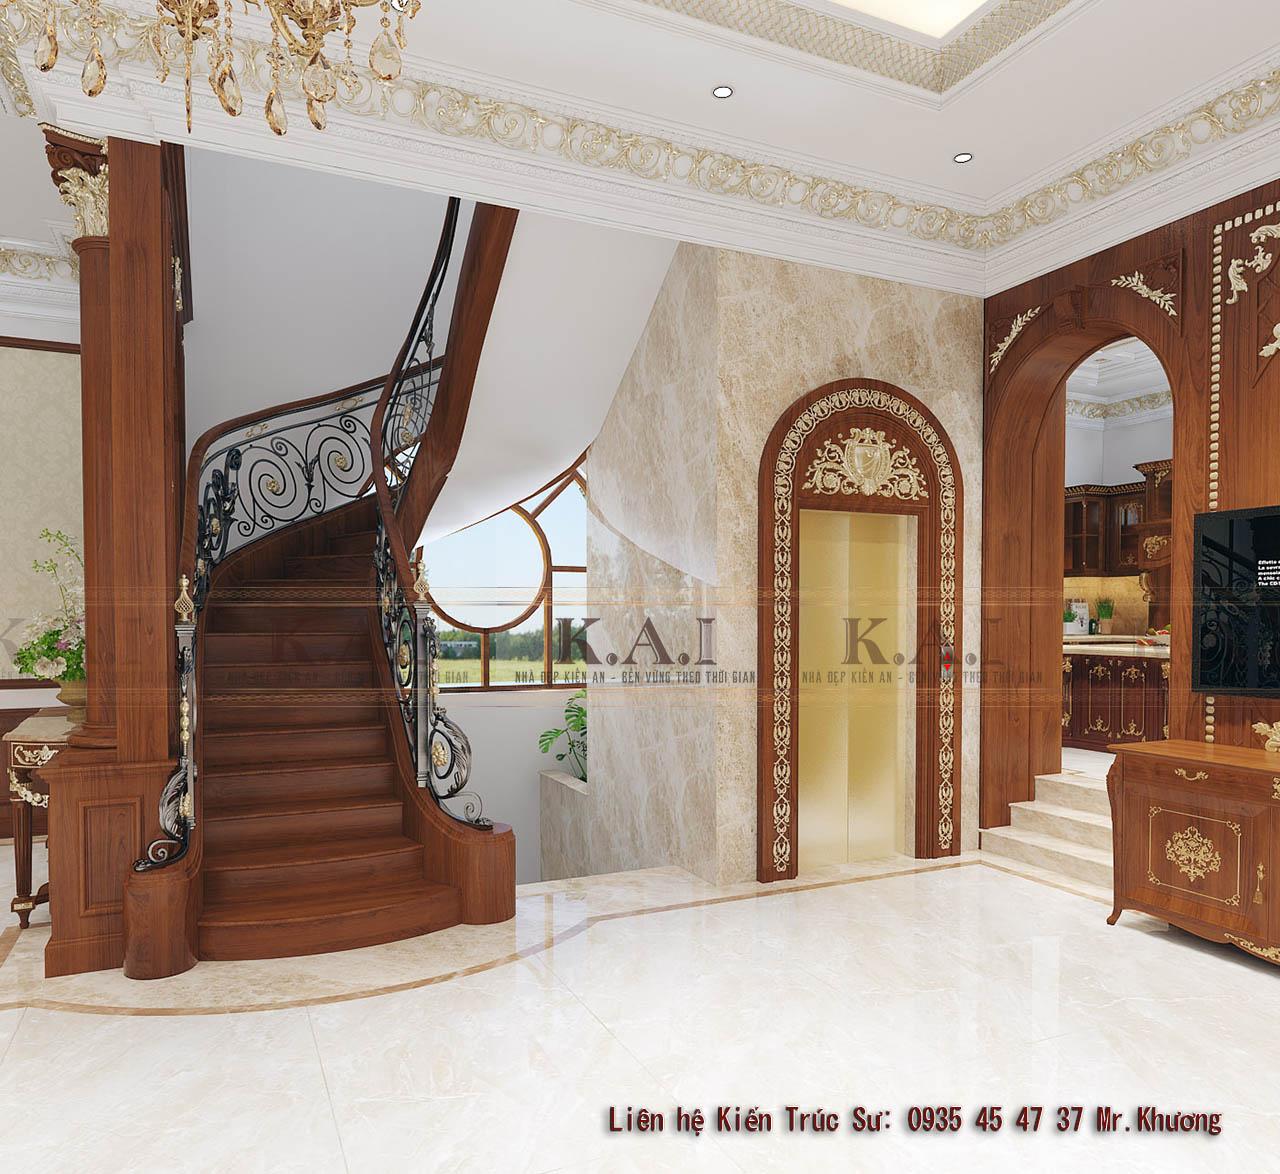 Những thiết kế sảnh cầu thang đẹp và trang trọng cho biệt thự